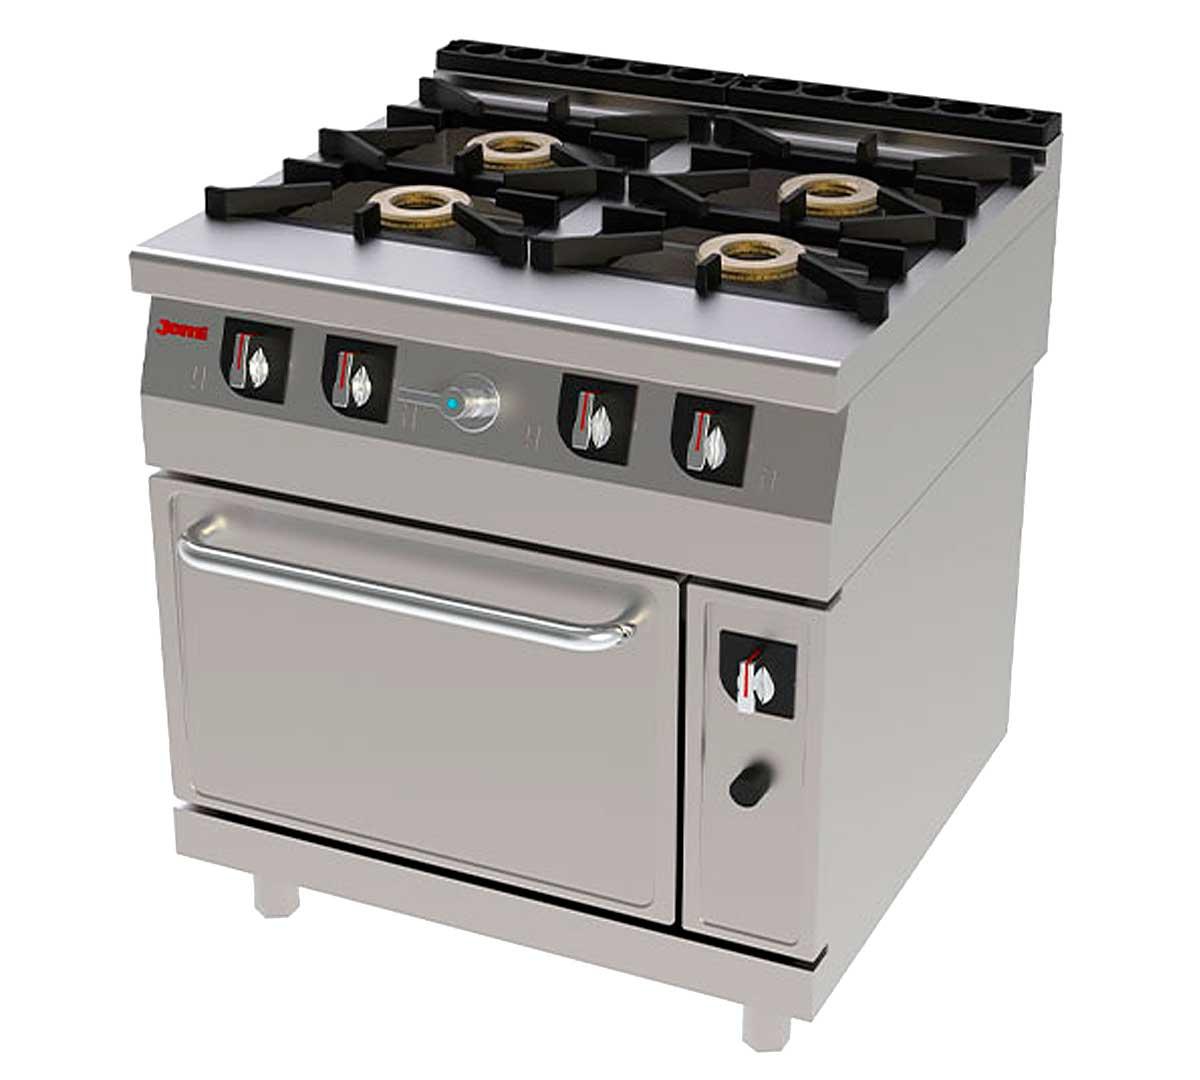 Cocina serie 750 chef horno de jemi for Horno con fogones